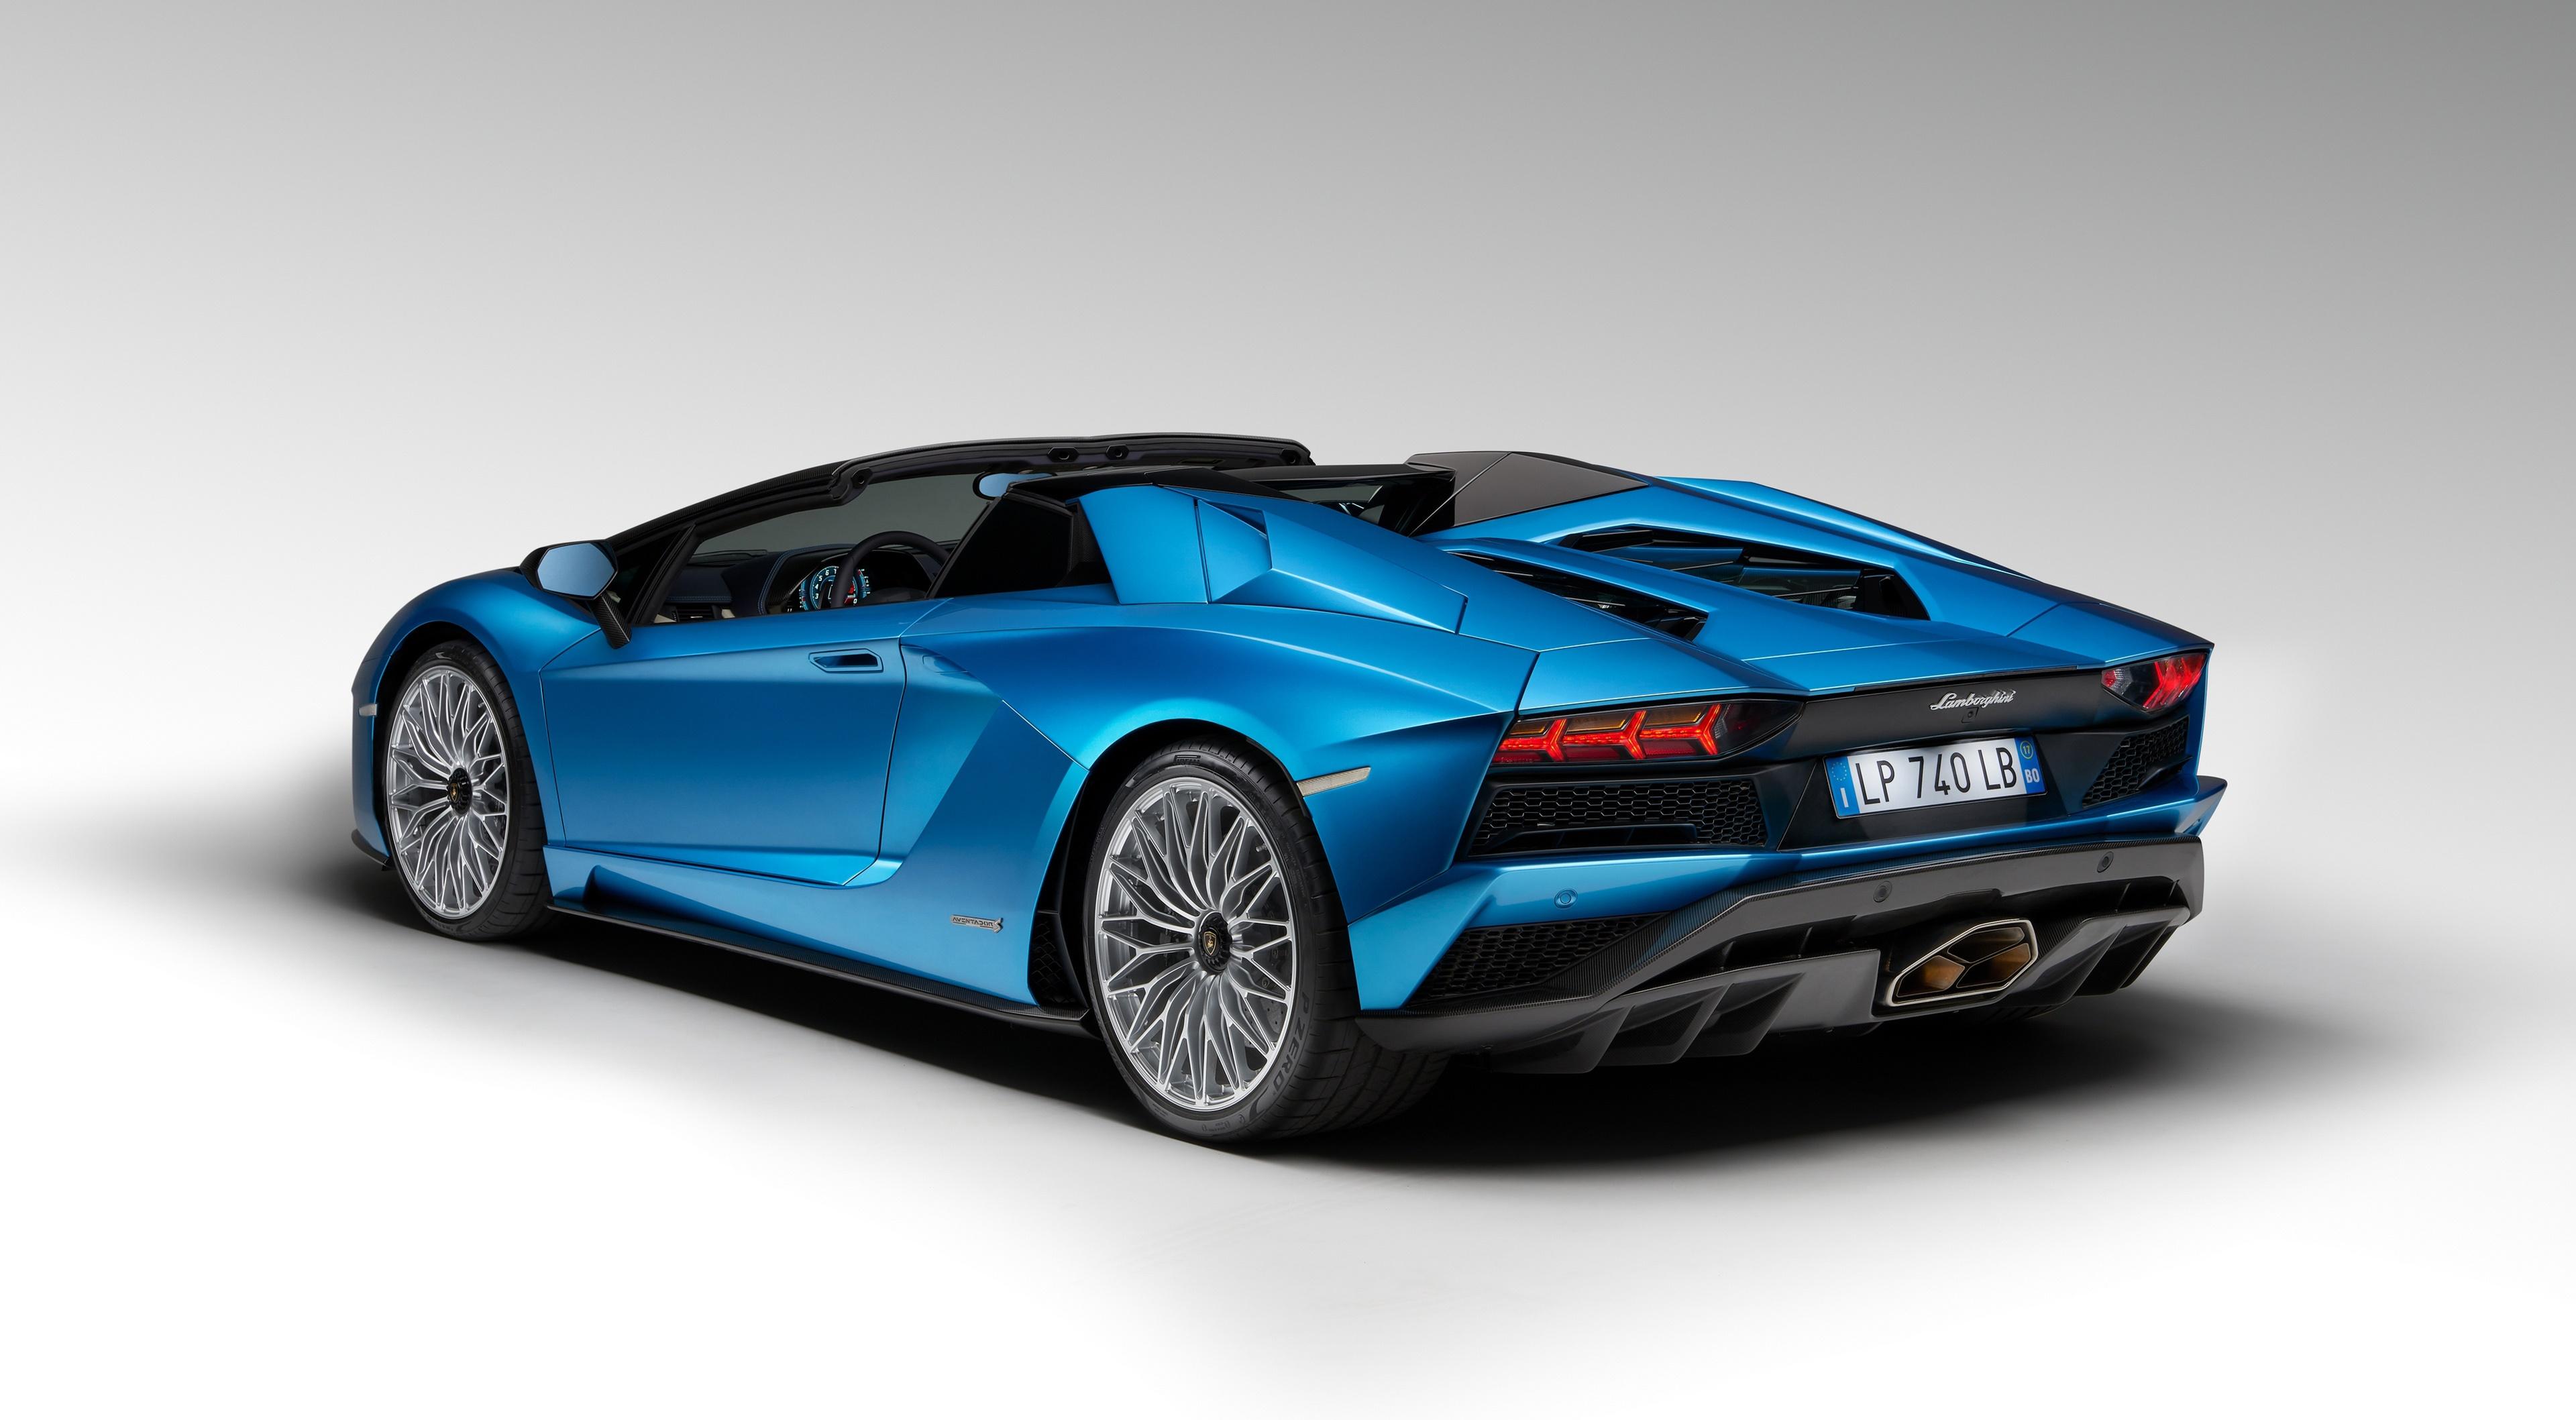 Фото Ламборгини Aventador S Roadster, 2017 Родстер синяя авто Серый фон 3840x2117 Lamborghini Синий синие синих машина машины Автомобили автомобиль сером фоне